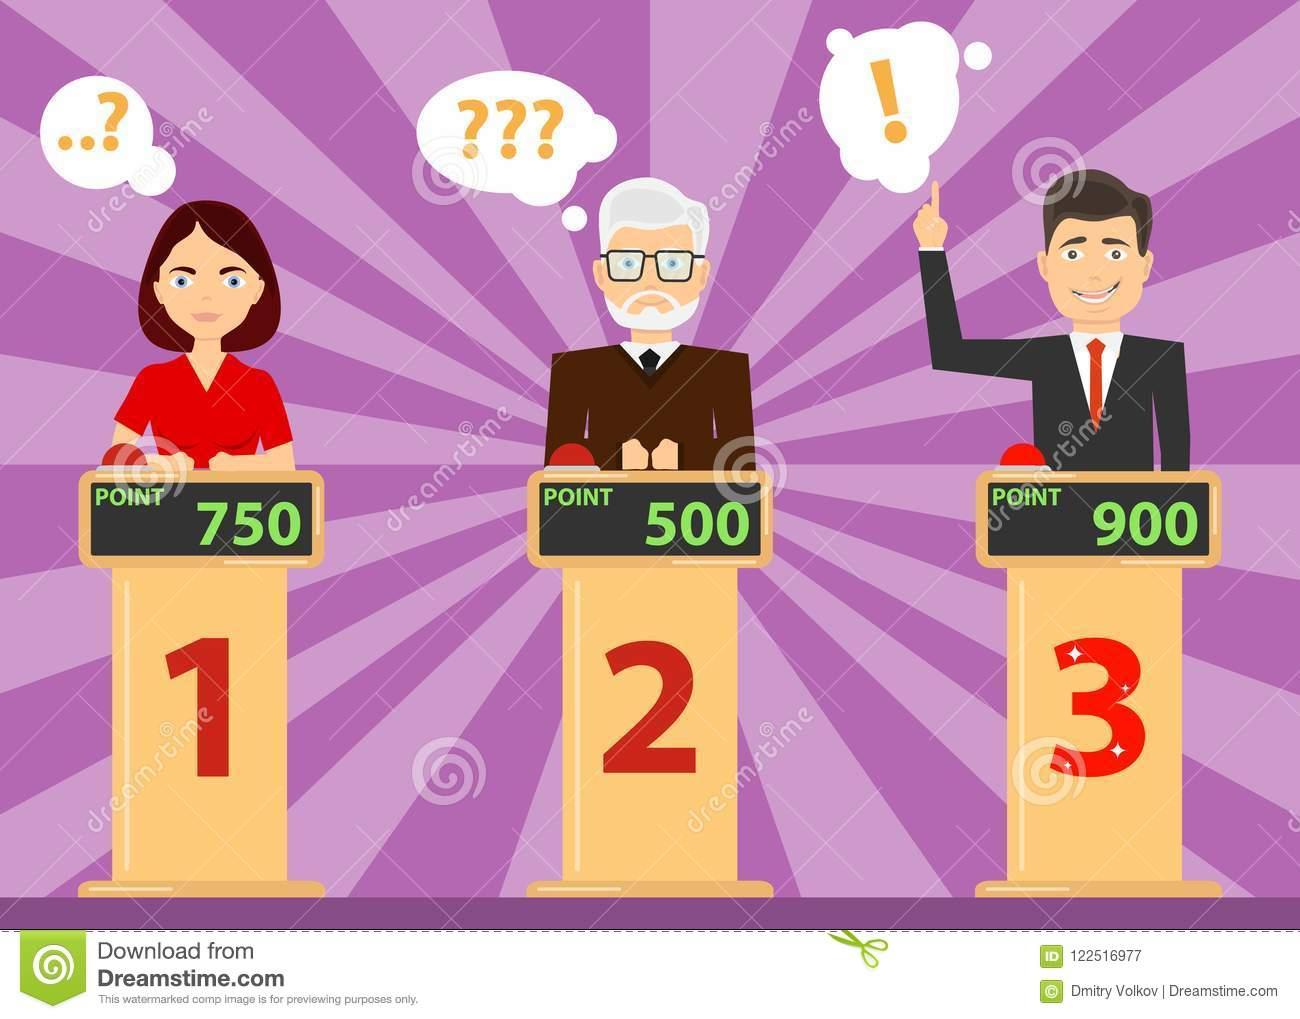 Les Questions De Jeu-Concours De Réponse De Personnes Et serapportantà Question Reponse Jeu